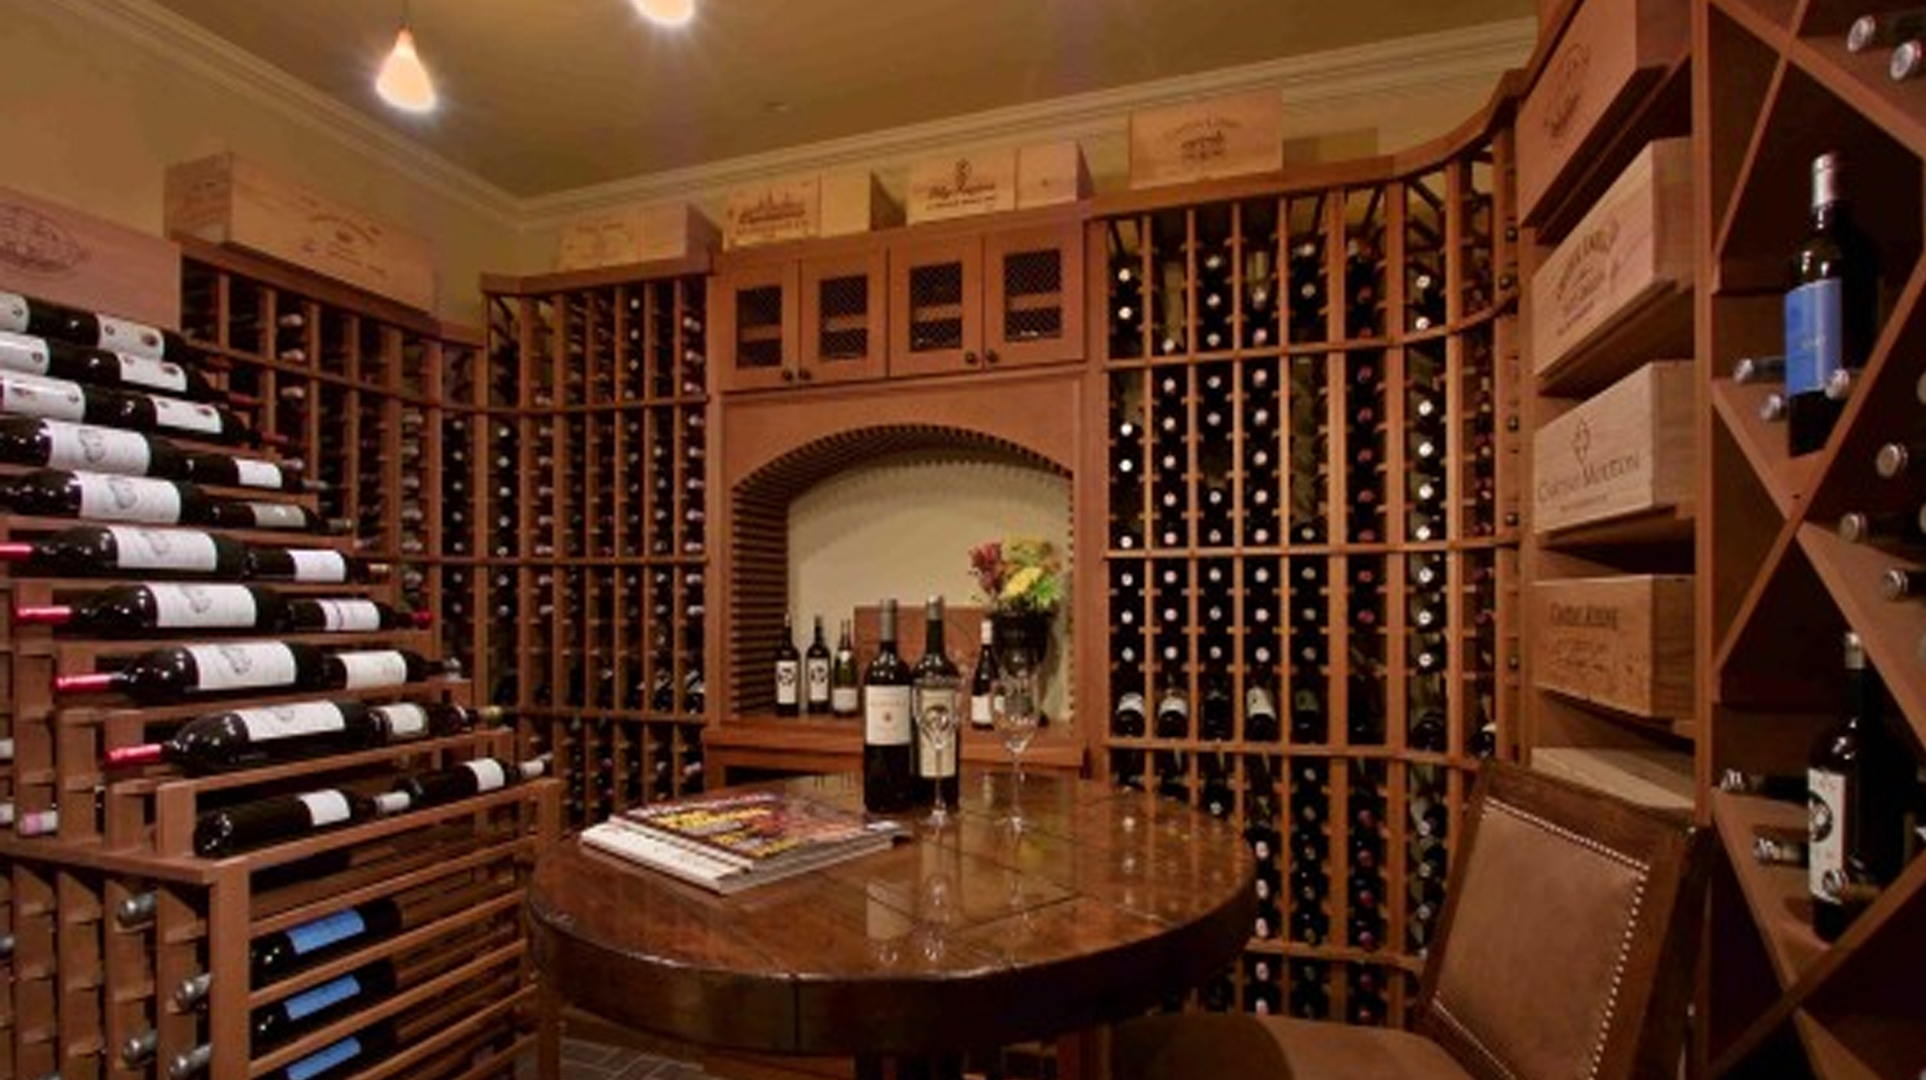 Handmade archivos comprar vinotecas online caveplus - Muebles para bodegas rusticas ...